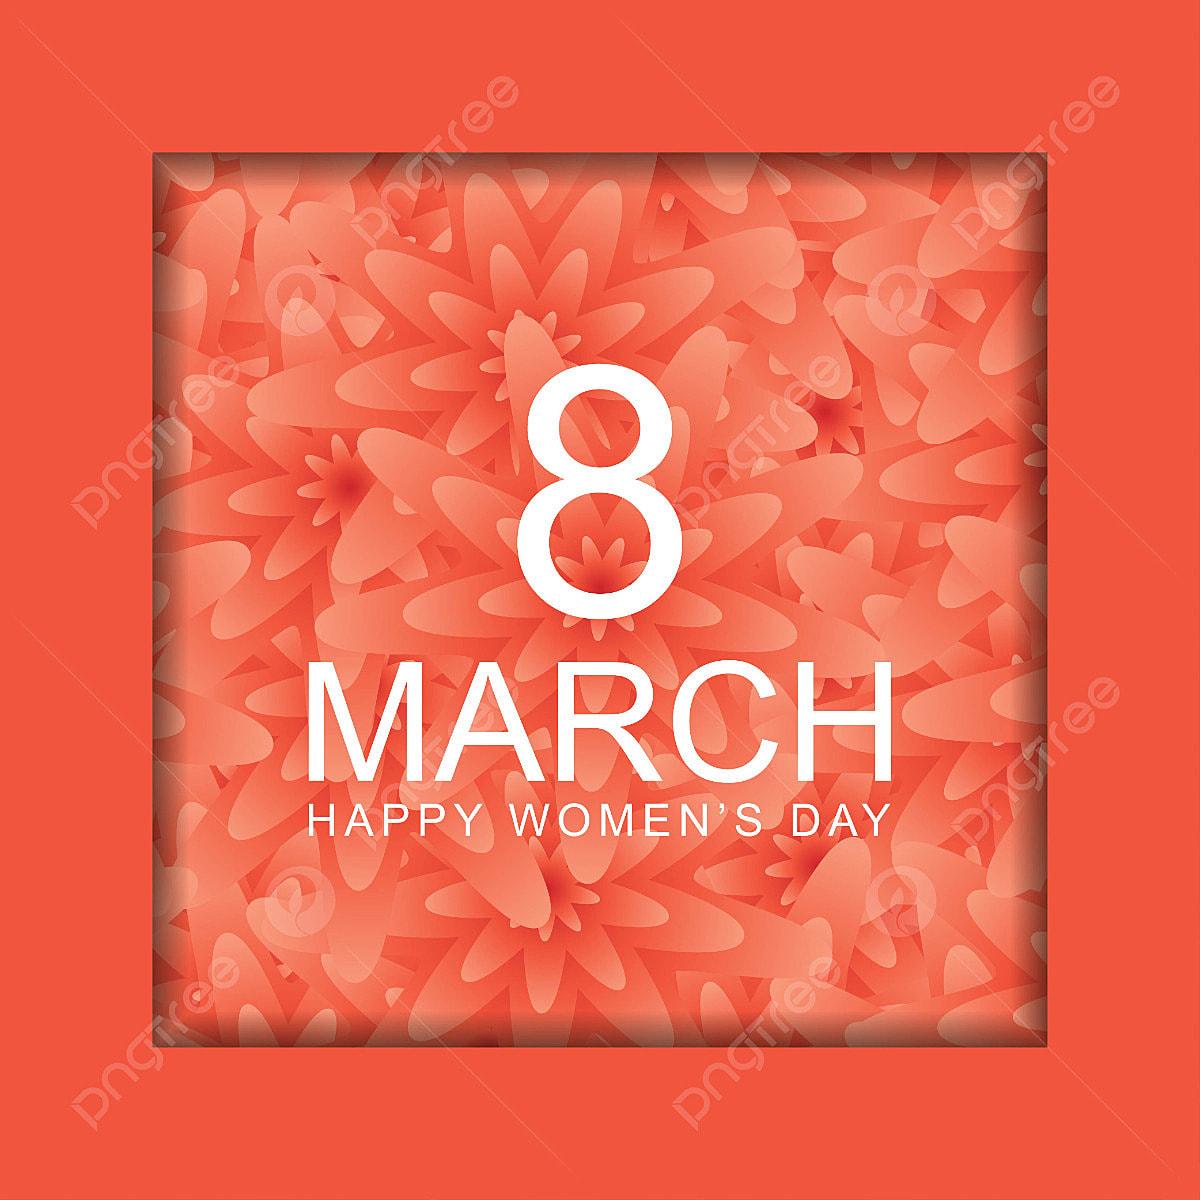 Feliz Dia De La Mujer Dia Mujeres Mujer Png Y Vector Para Descargar Gratis Pngtree Feliz día de la mujer. https es pngtree com freepng happy women s day 3669280 html